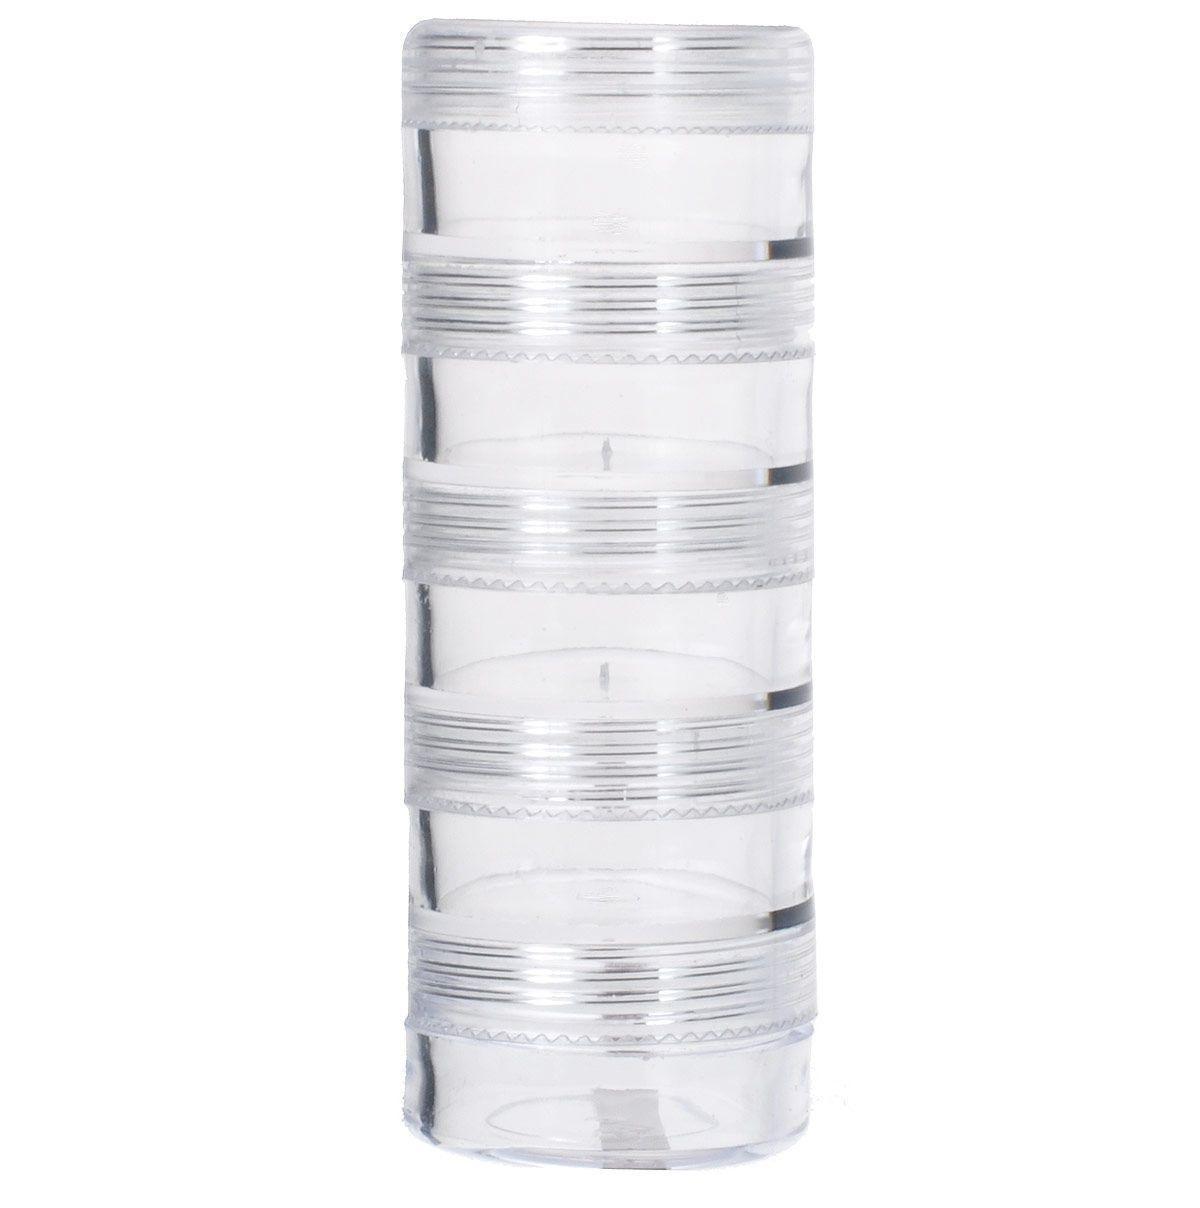 Контейнер для бисера Hobby & Pro, 6 секций41619Коробка для бисера, изготовленная из прозрачного пластика. В ней можно хранить мелкие предметы для рукоделия, например, бисер, блестки, стразы или пайетки. Изделие плотно закрывает прозрачной крышкой. Такая коробка поможет держать вещи в порядке.